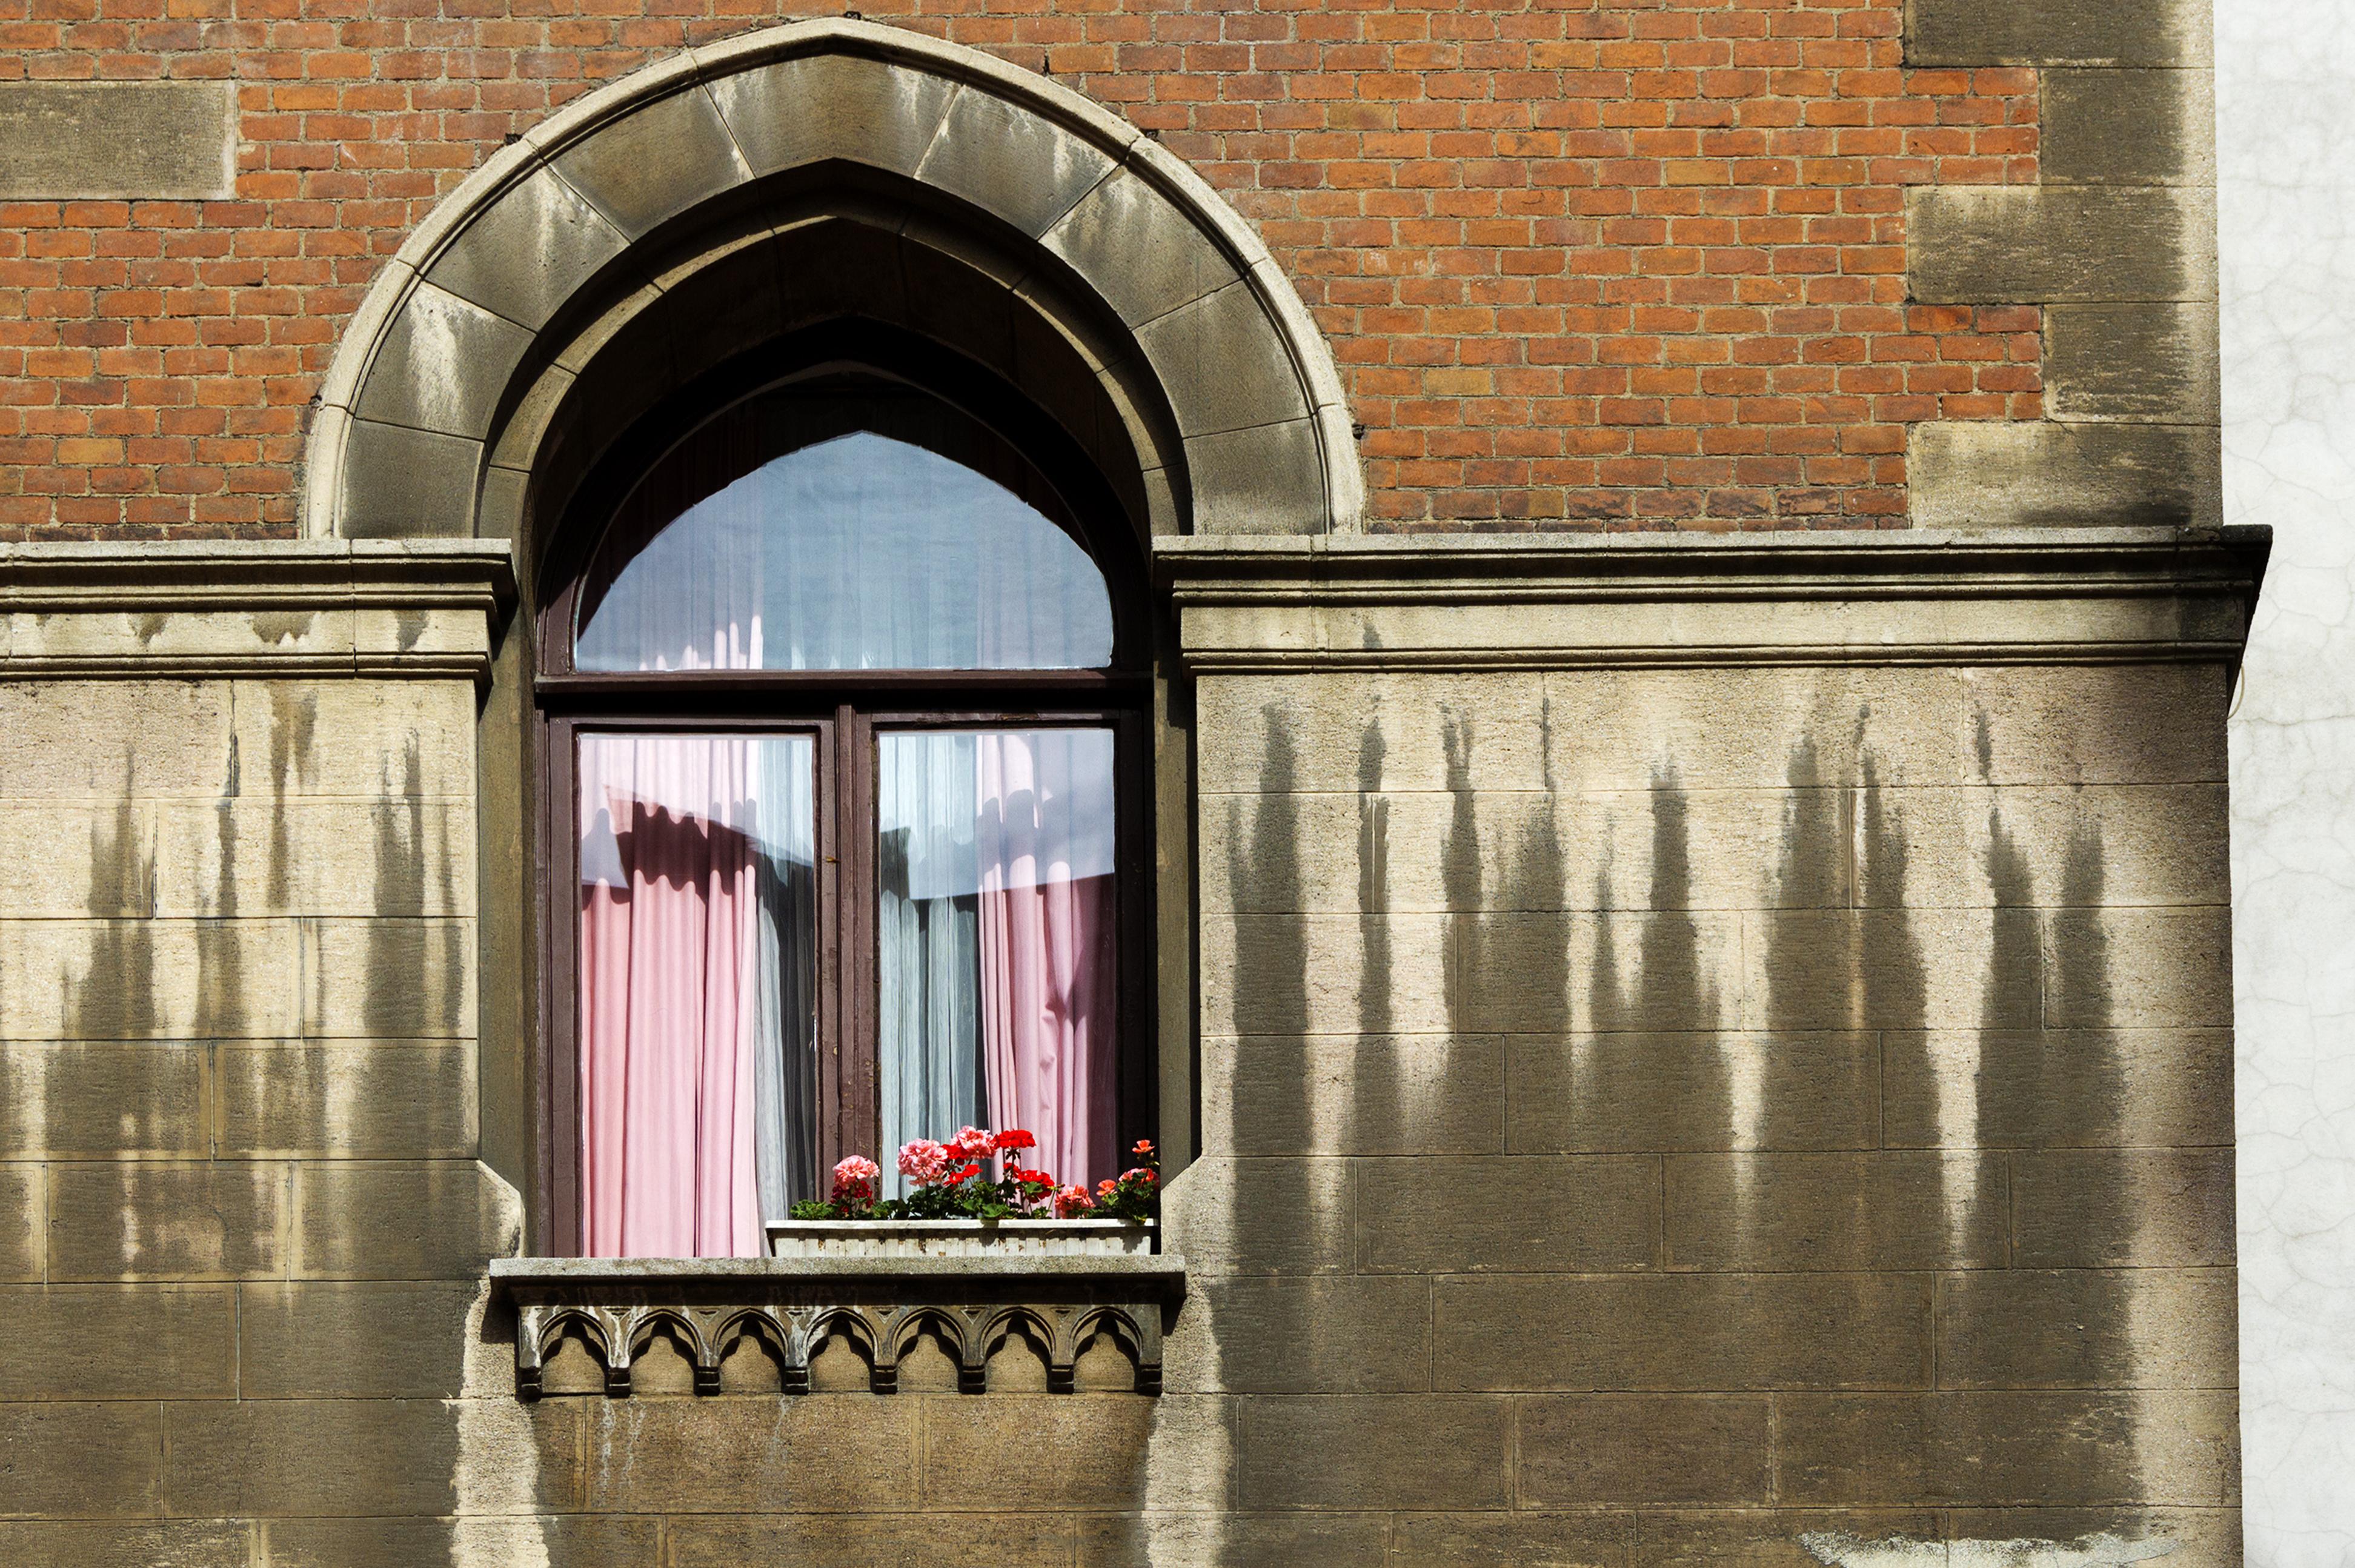 Kostenlose foto : die Architektur, Holz, Fenster, Mauer, Reise ...